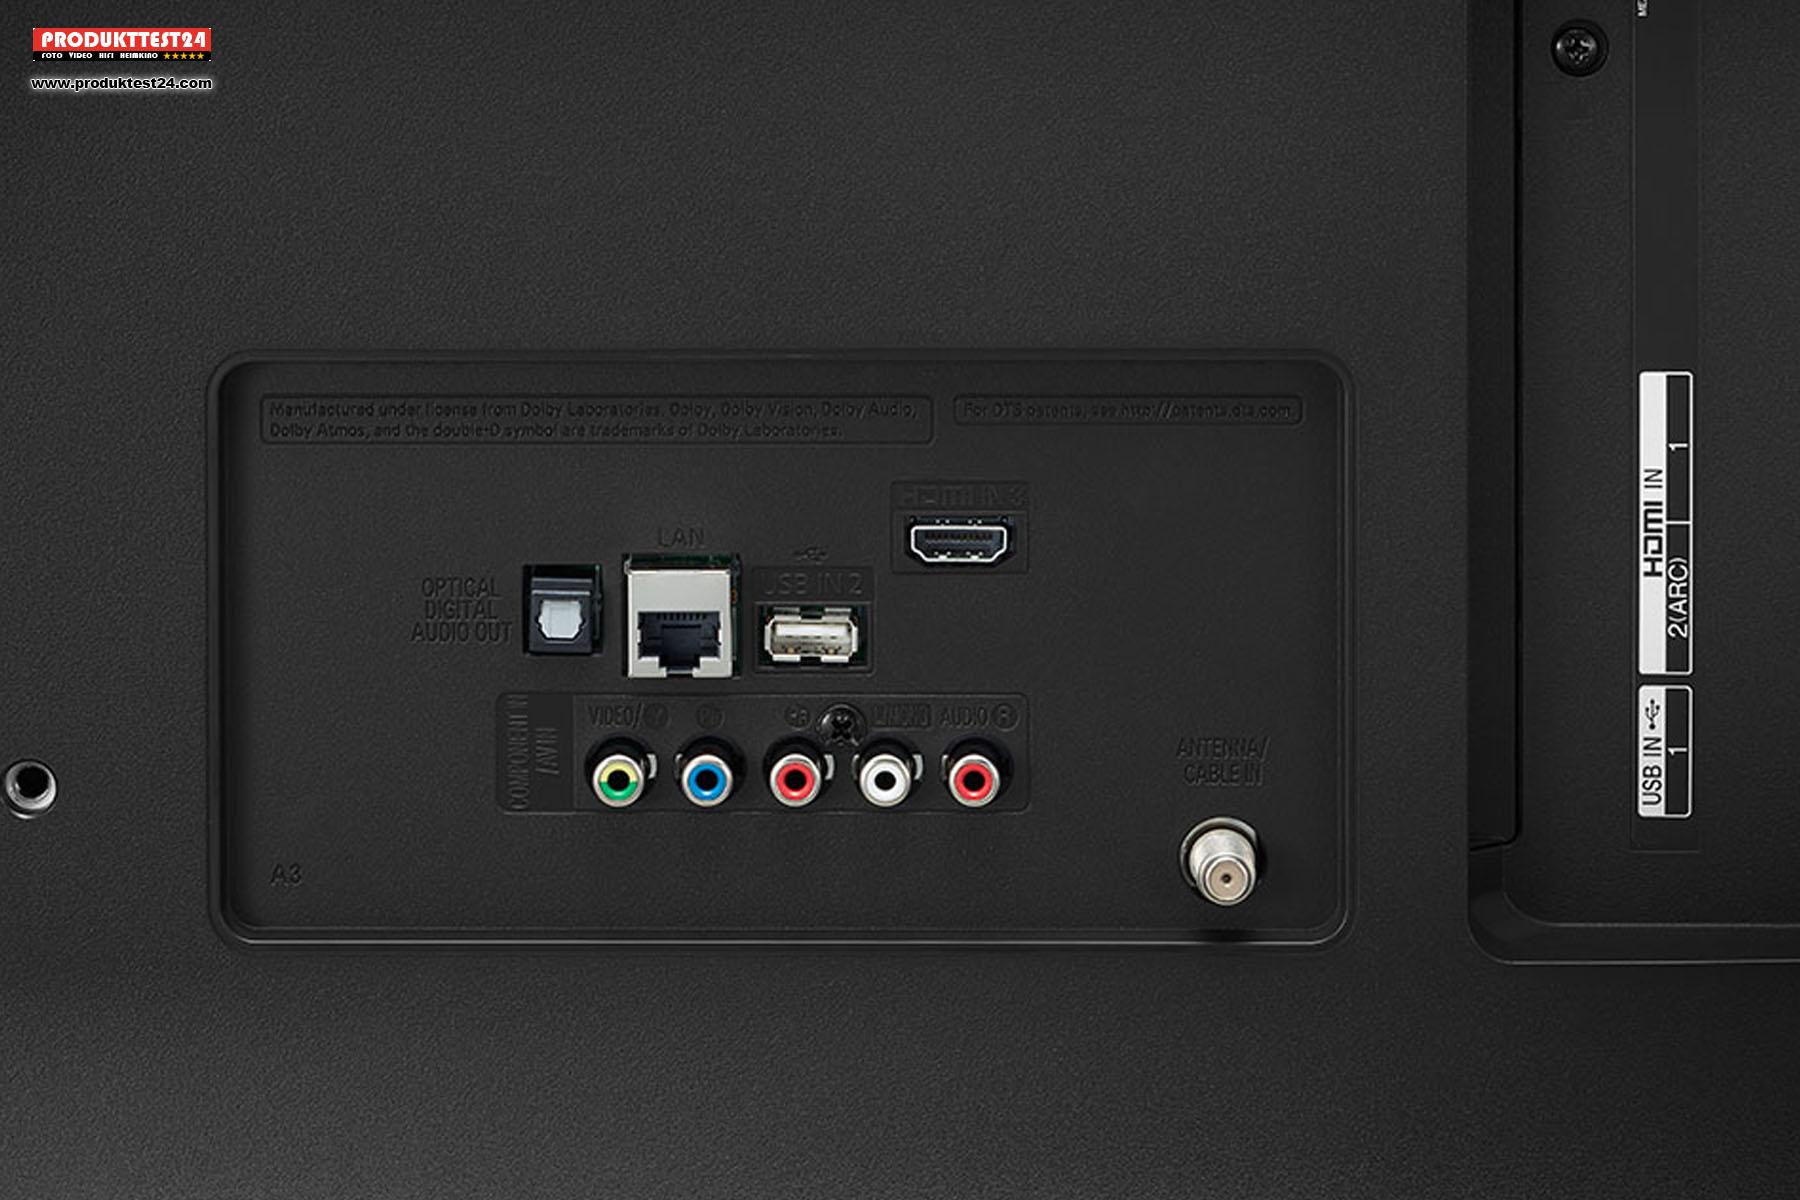 Anschlüsse sind reichlich vorhanden. Der LG 75UN7100 besitzt 3 HDMI und 2 USB Ports, einen optischen und einen analogen Anschluss.